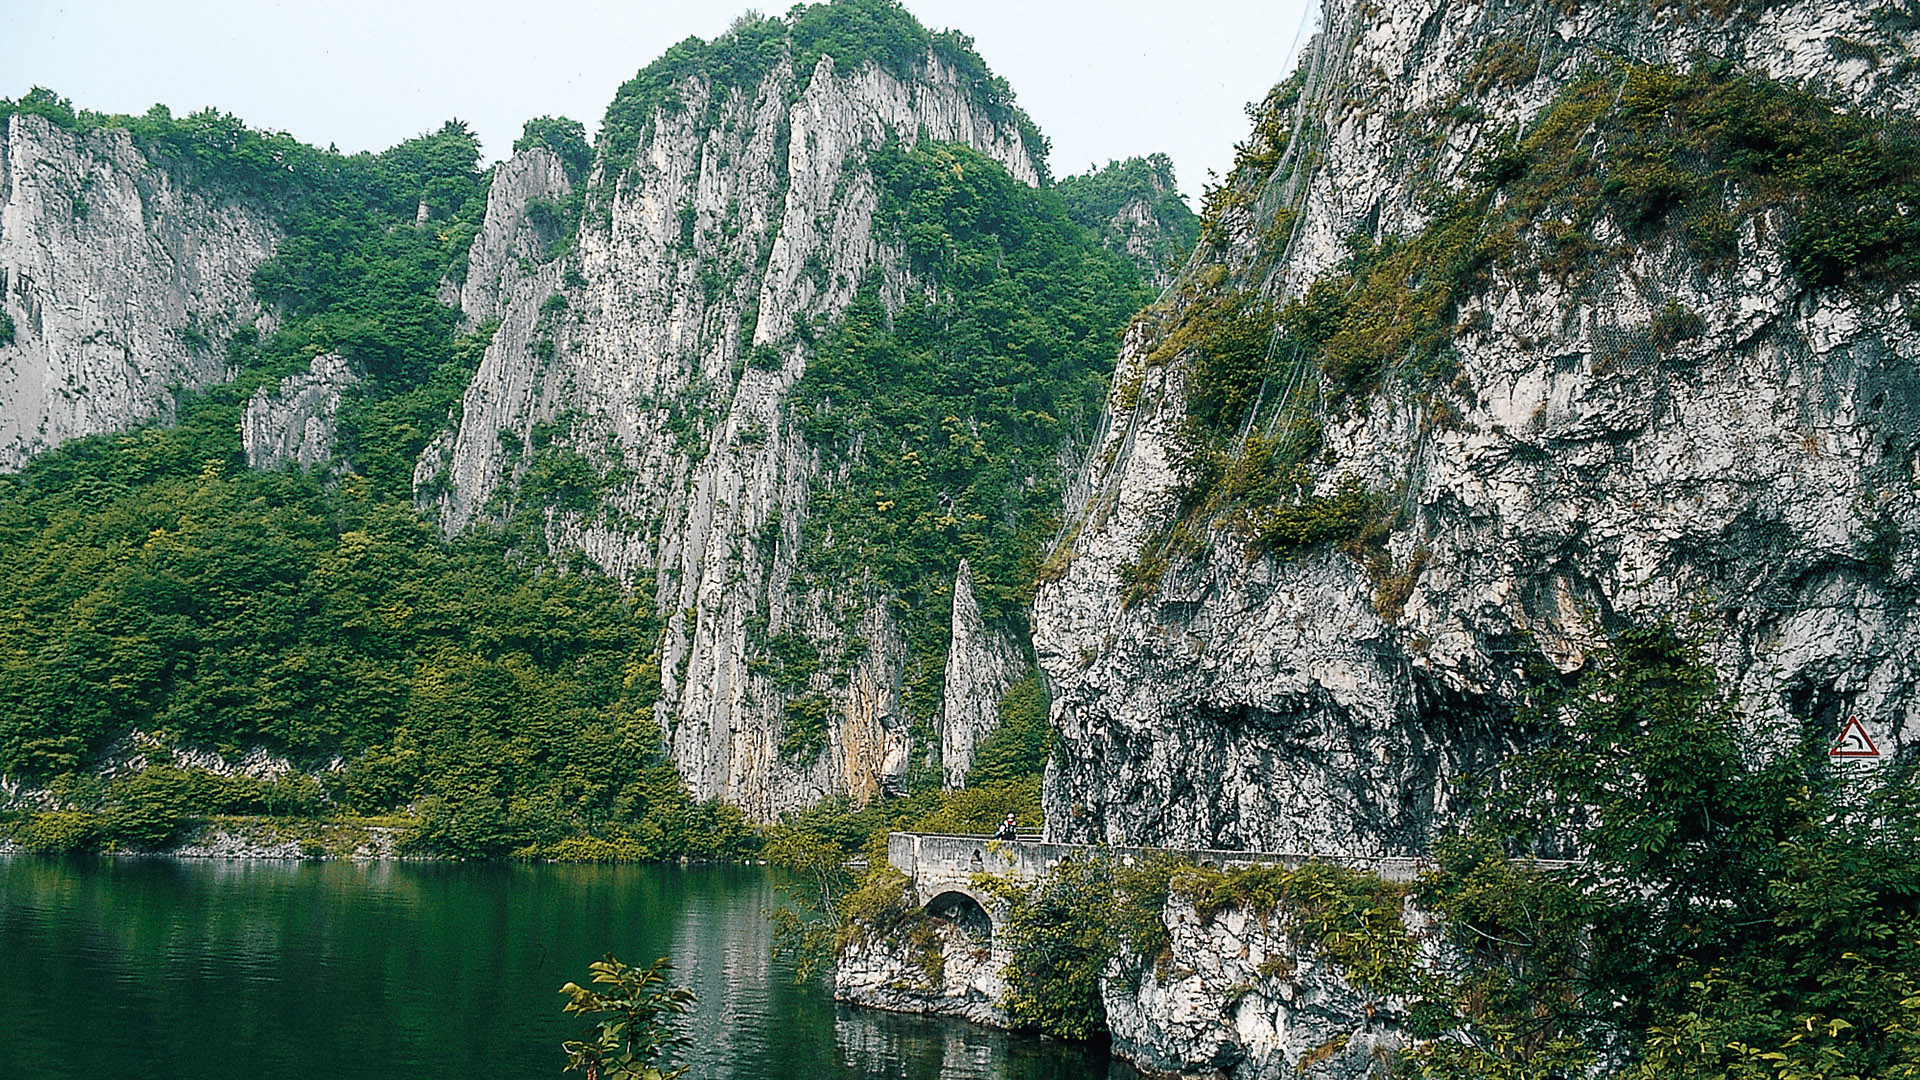 Wasserspiele - Tour 5.2: Lago Maggiore